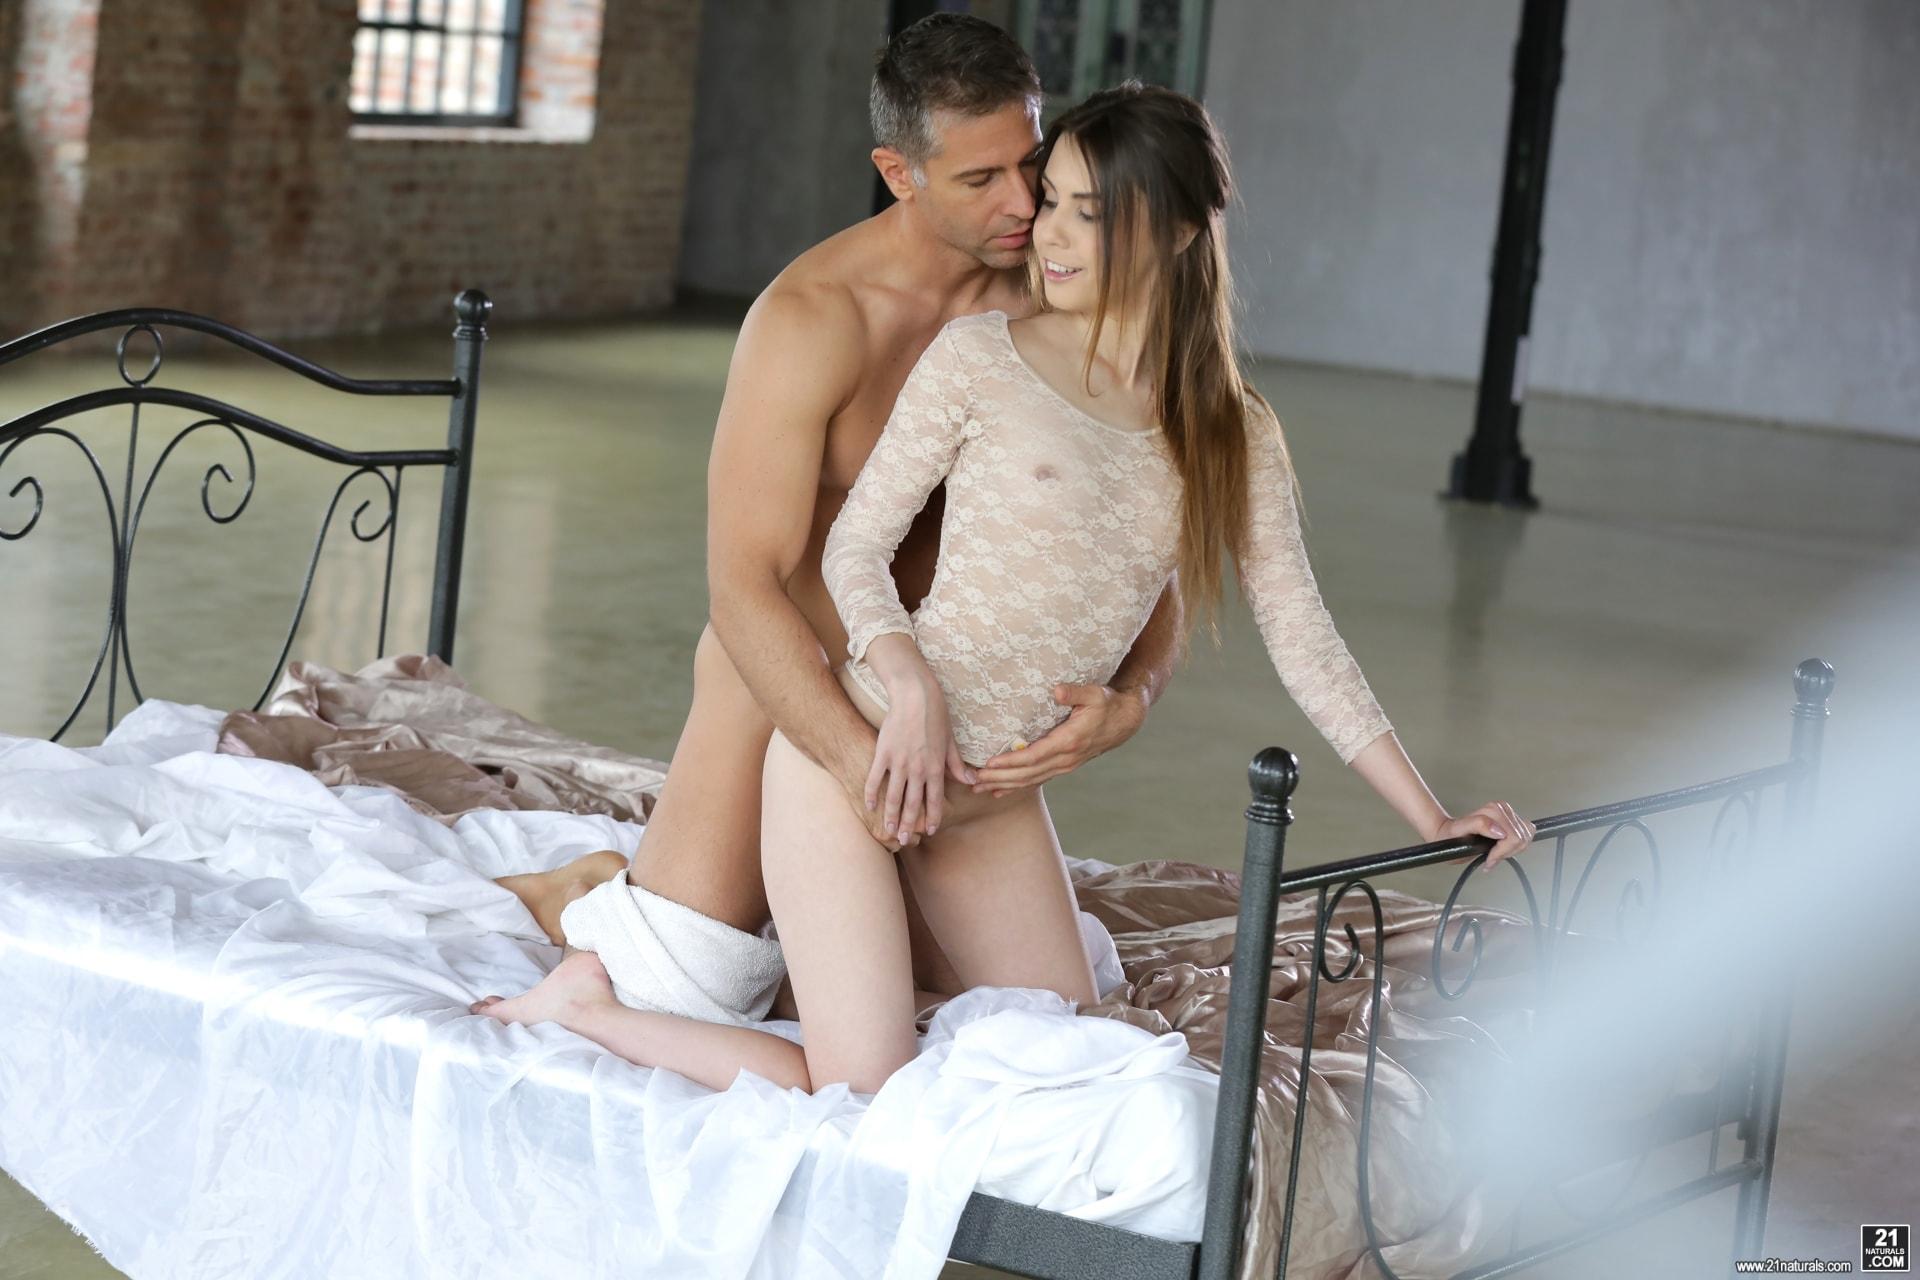 21Sextury 'Backdoor Loving' starring Elle Rose (Photo 27)